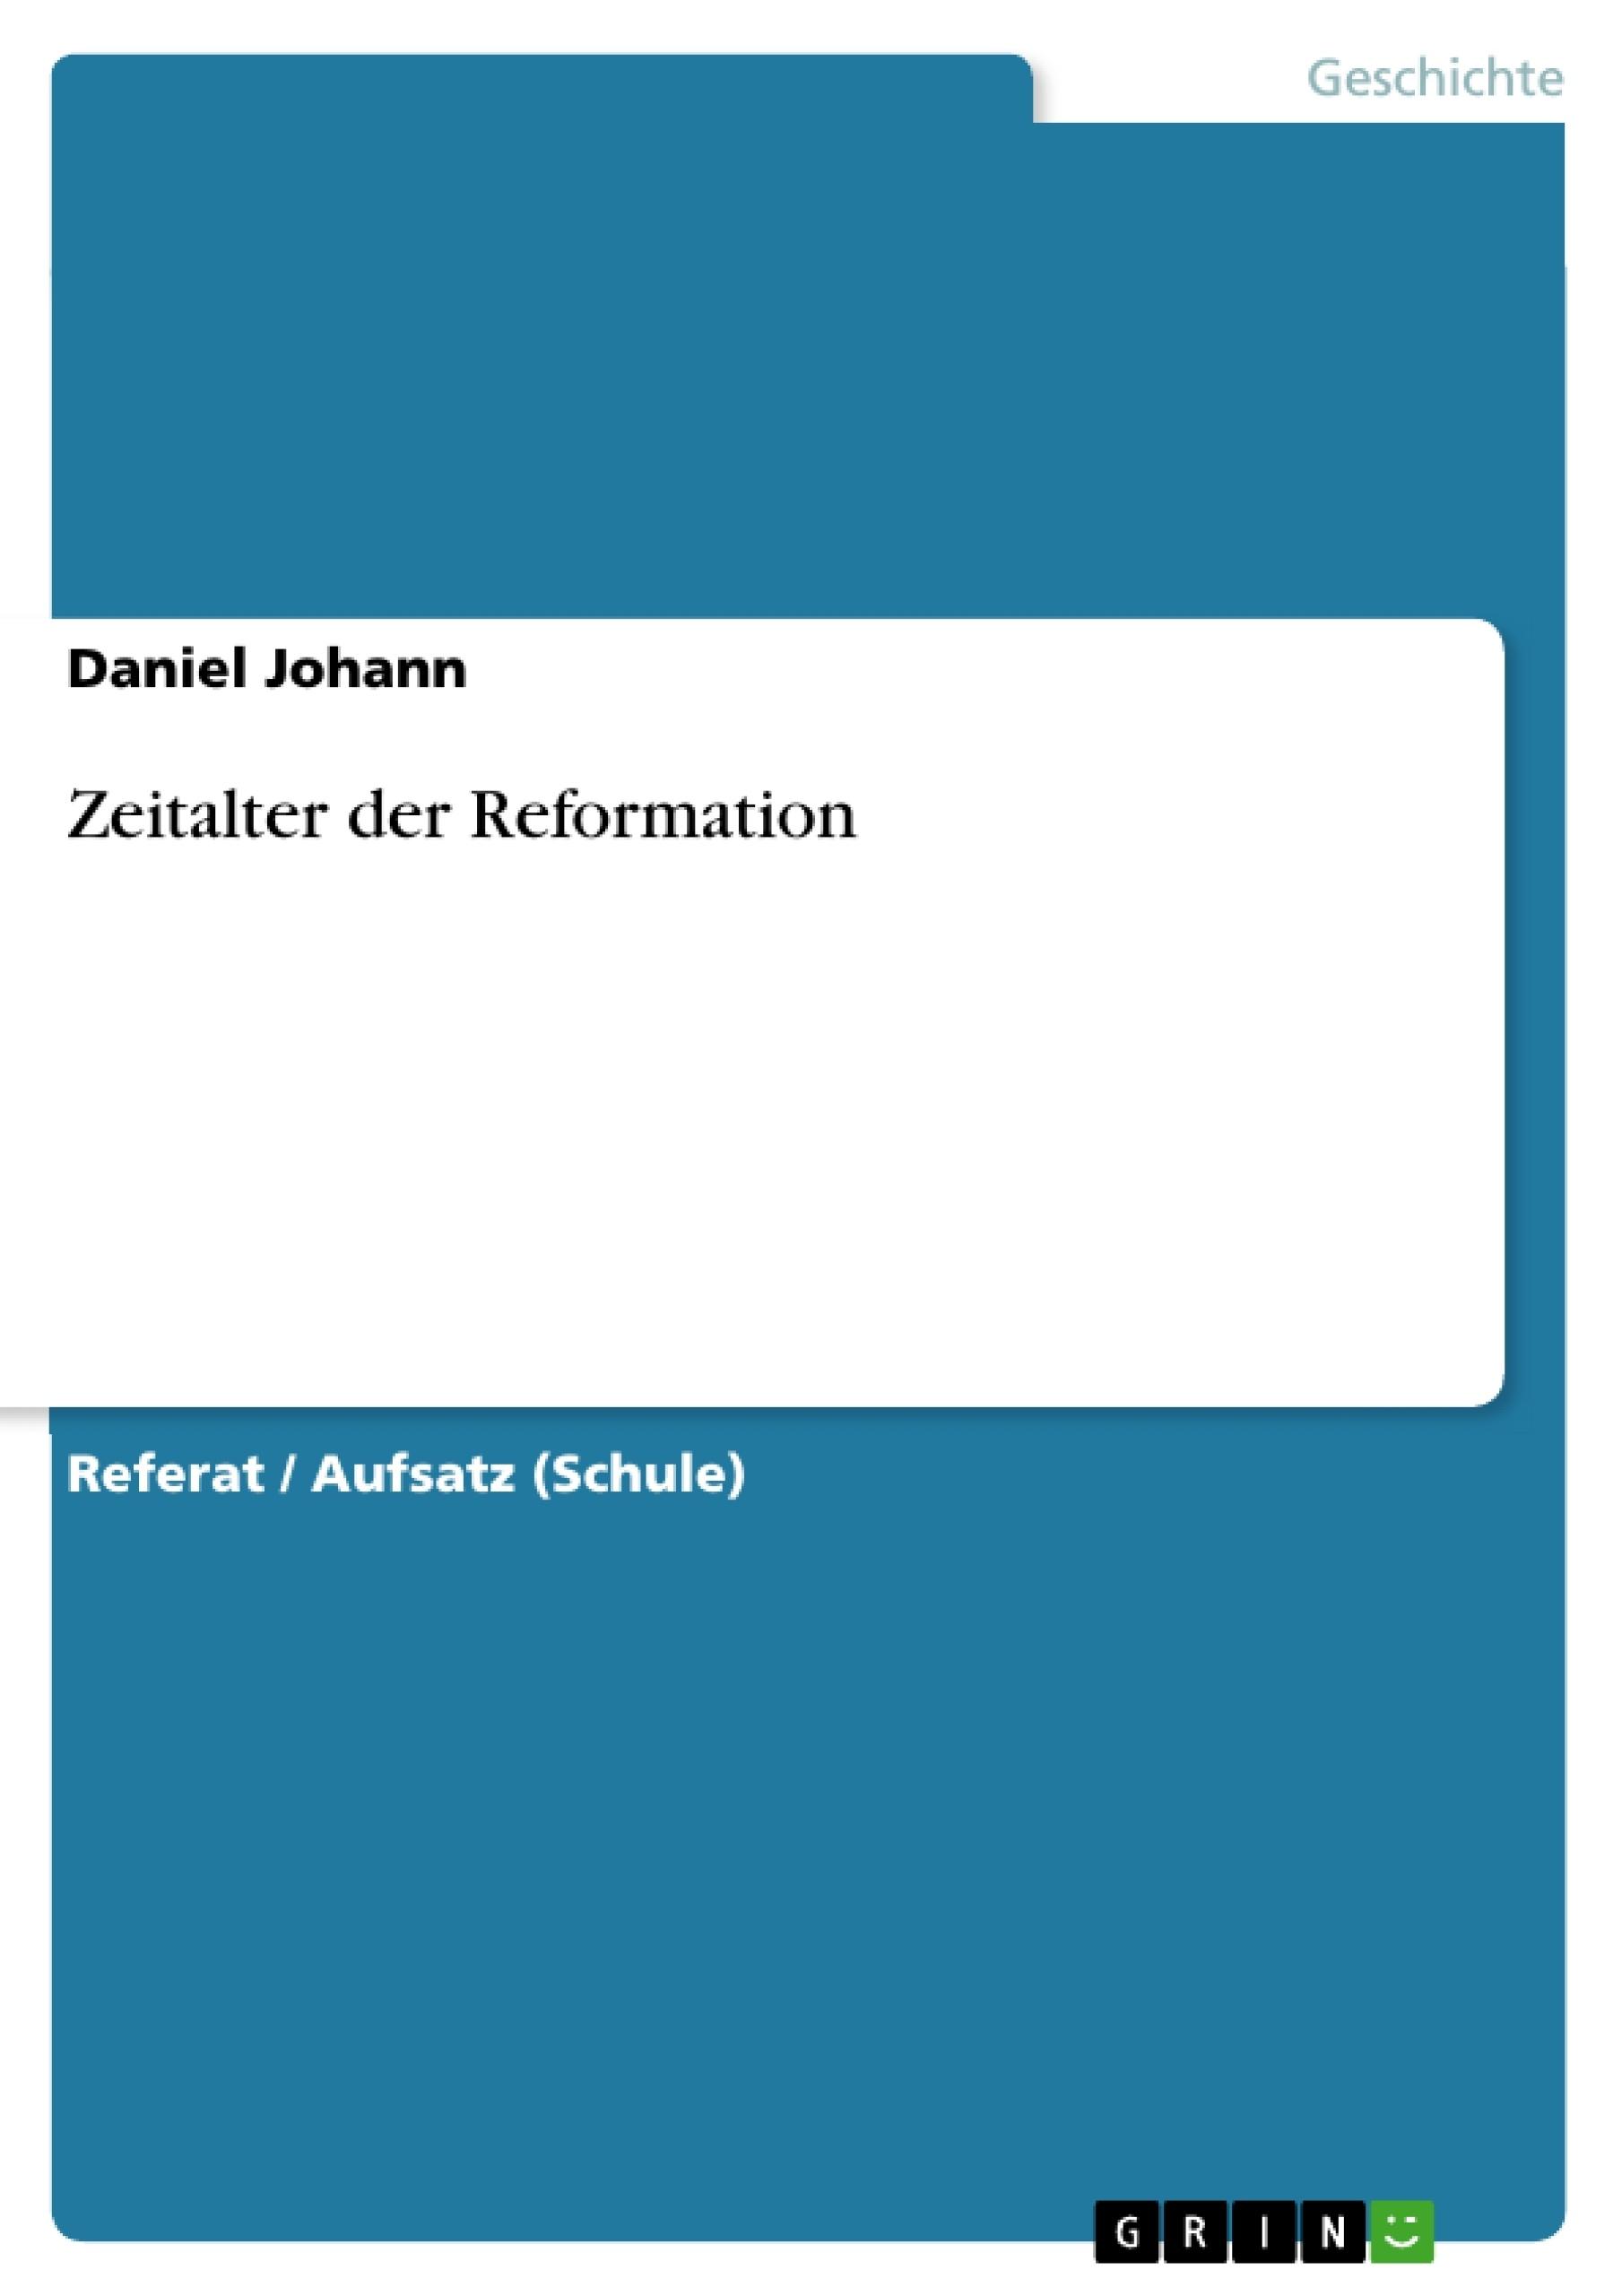 Titel: Zeitalter der Reformation